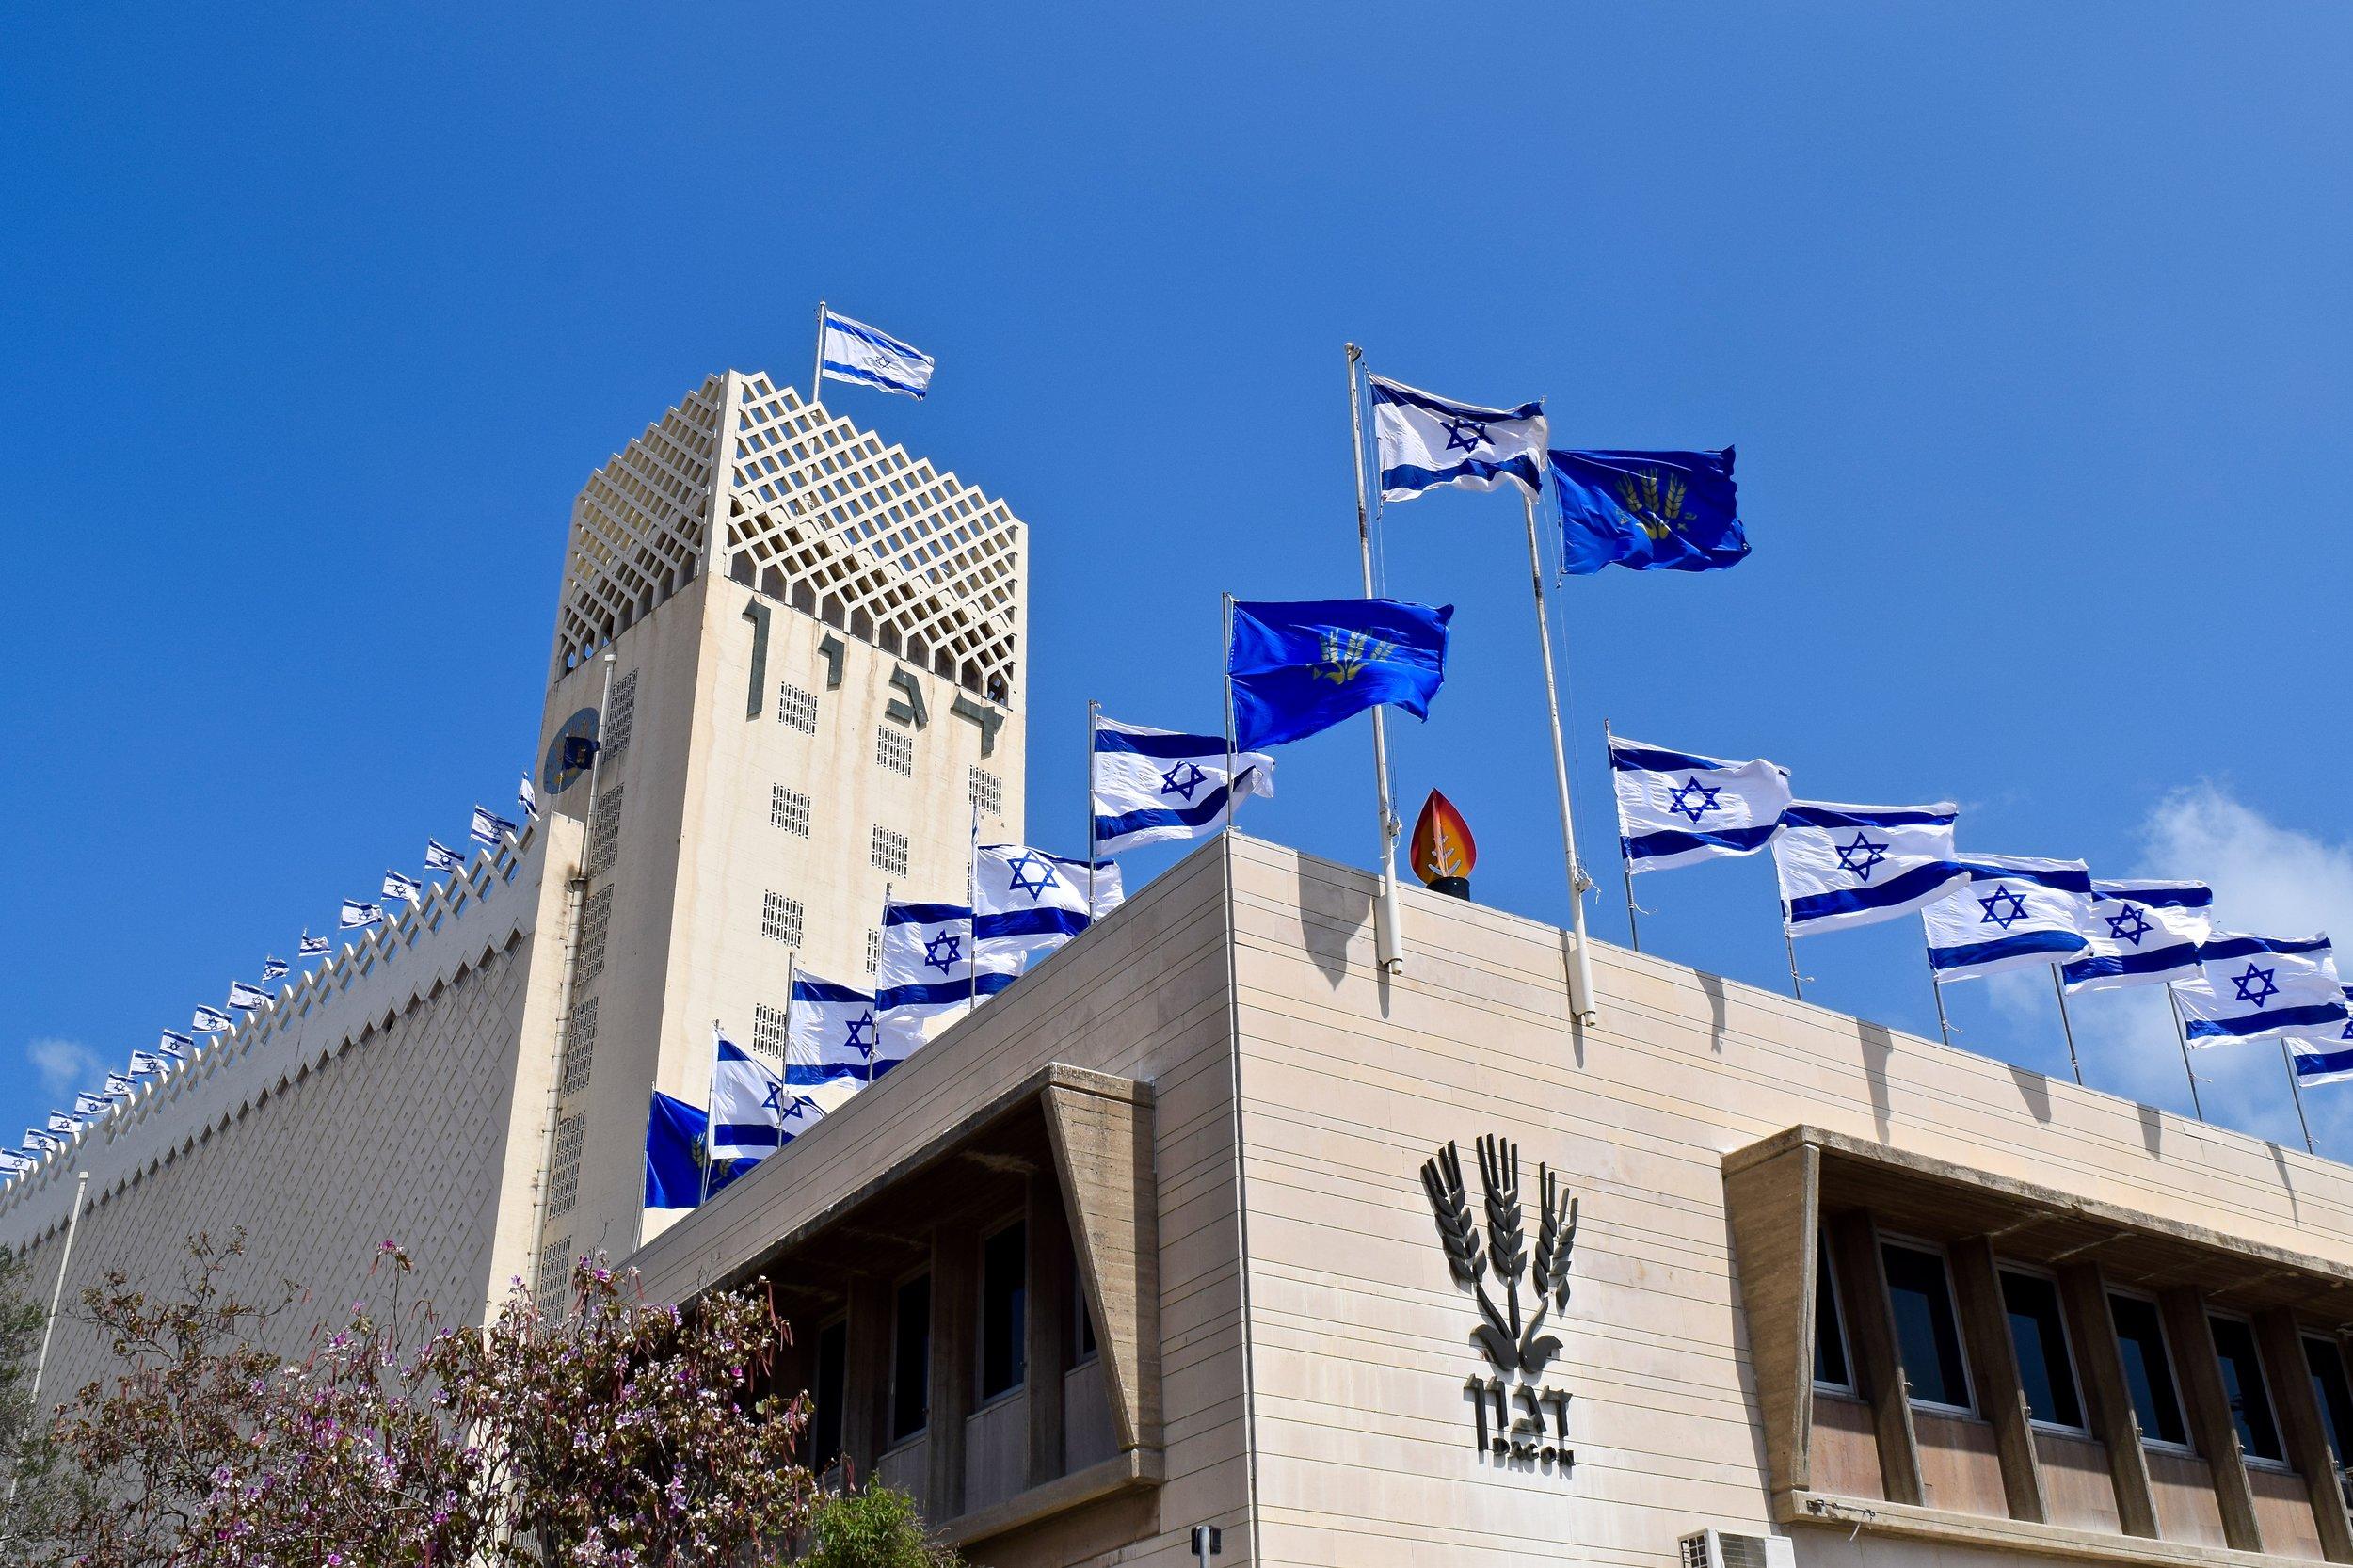 Edificio  del puerto  de Haifa